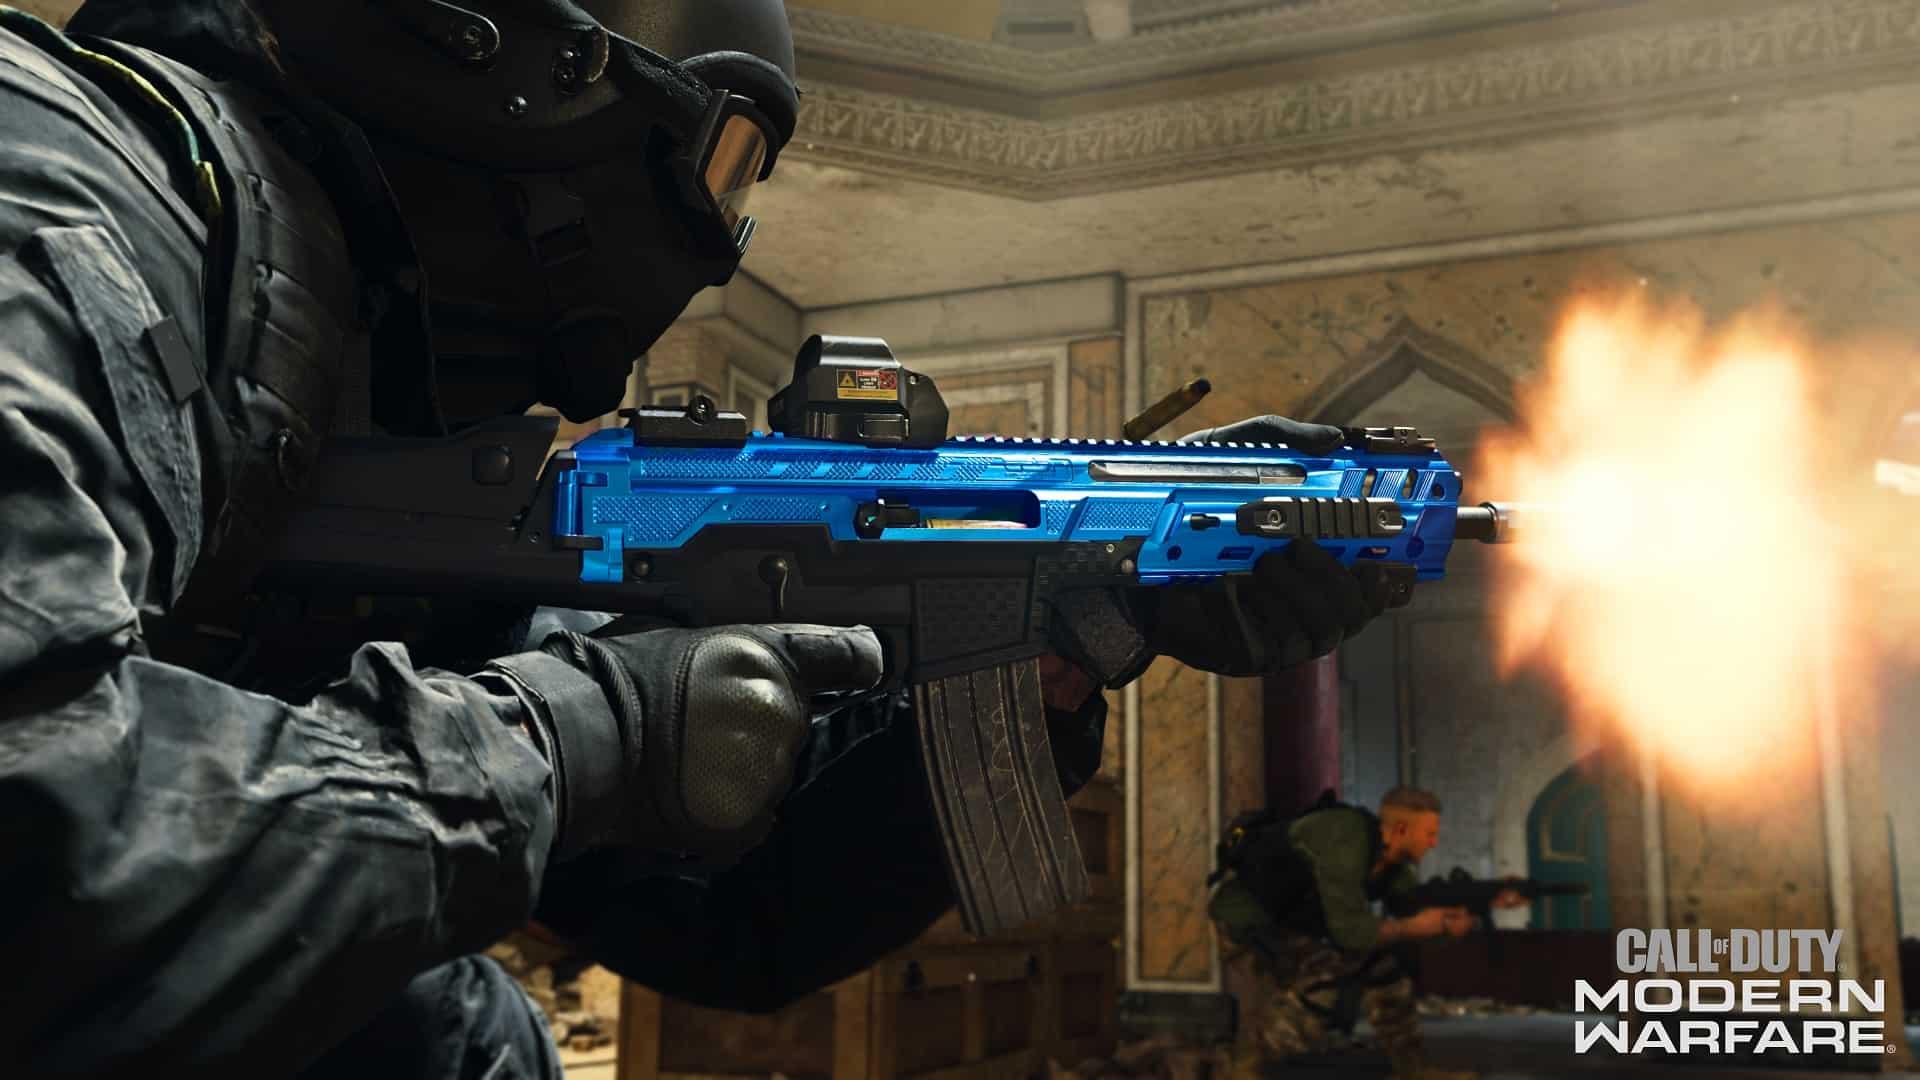 Endlich da CoD Warzone Season 4 und Multiplayer Das ist neu!